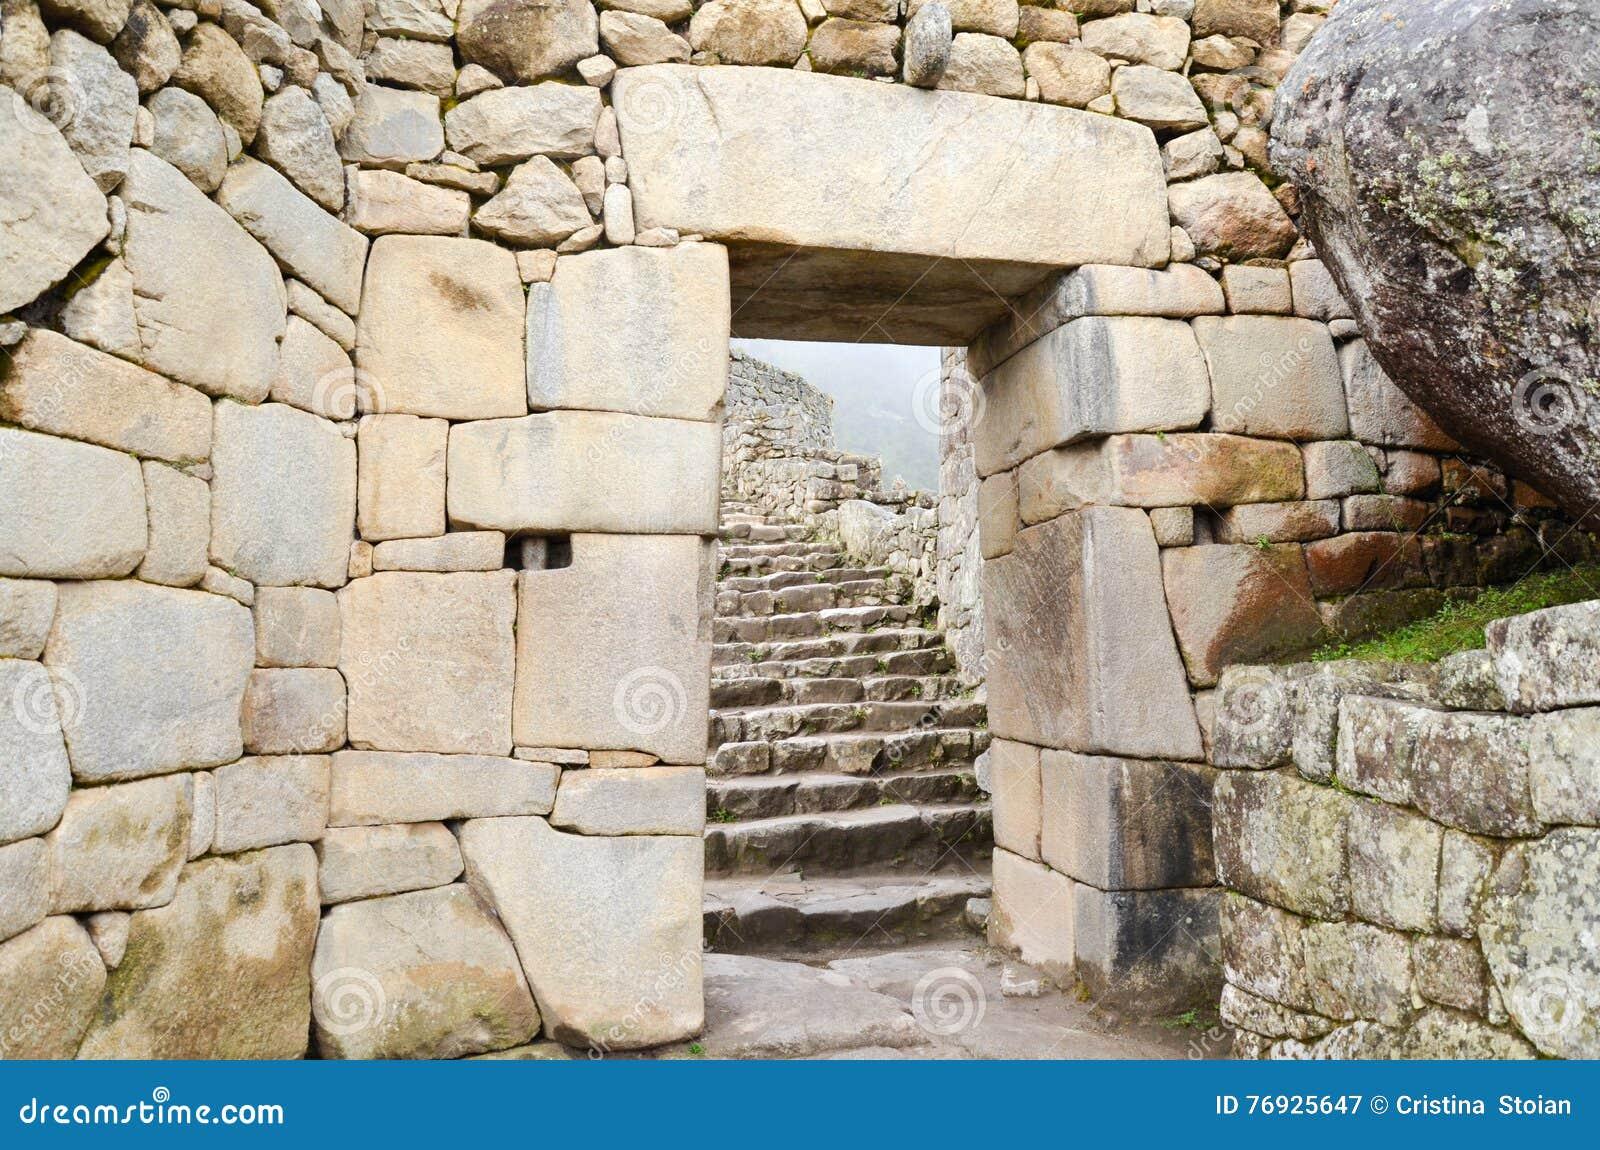 马丘比丘,库斯科地区,秘鲁2013年6月4日:15世纪印加人城堡马丘比丘, UNE的住宅区的细节